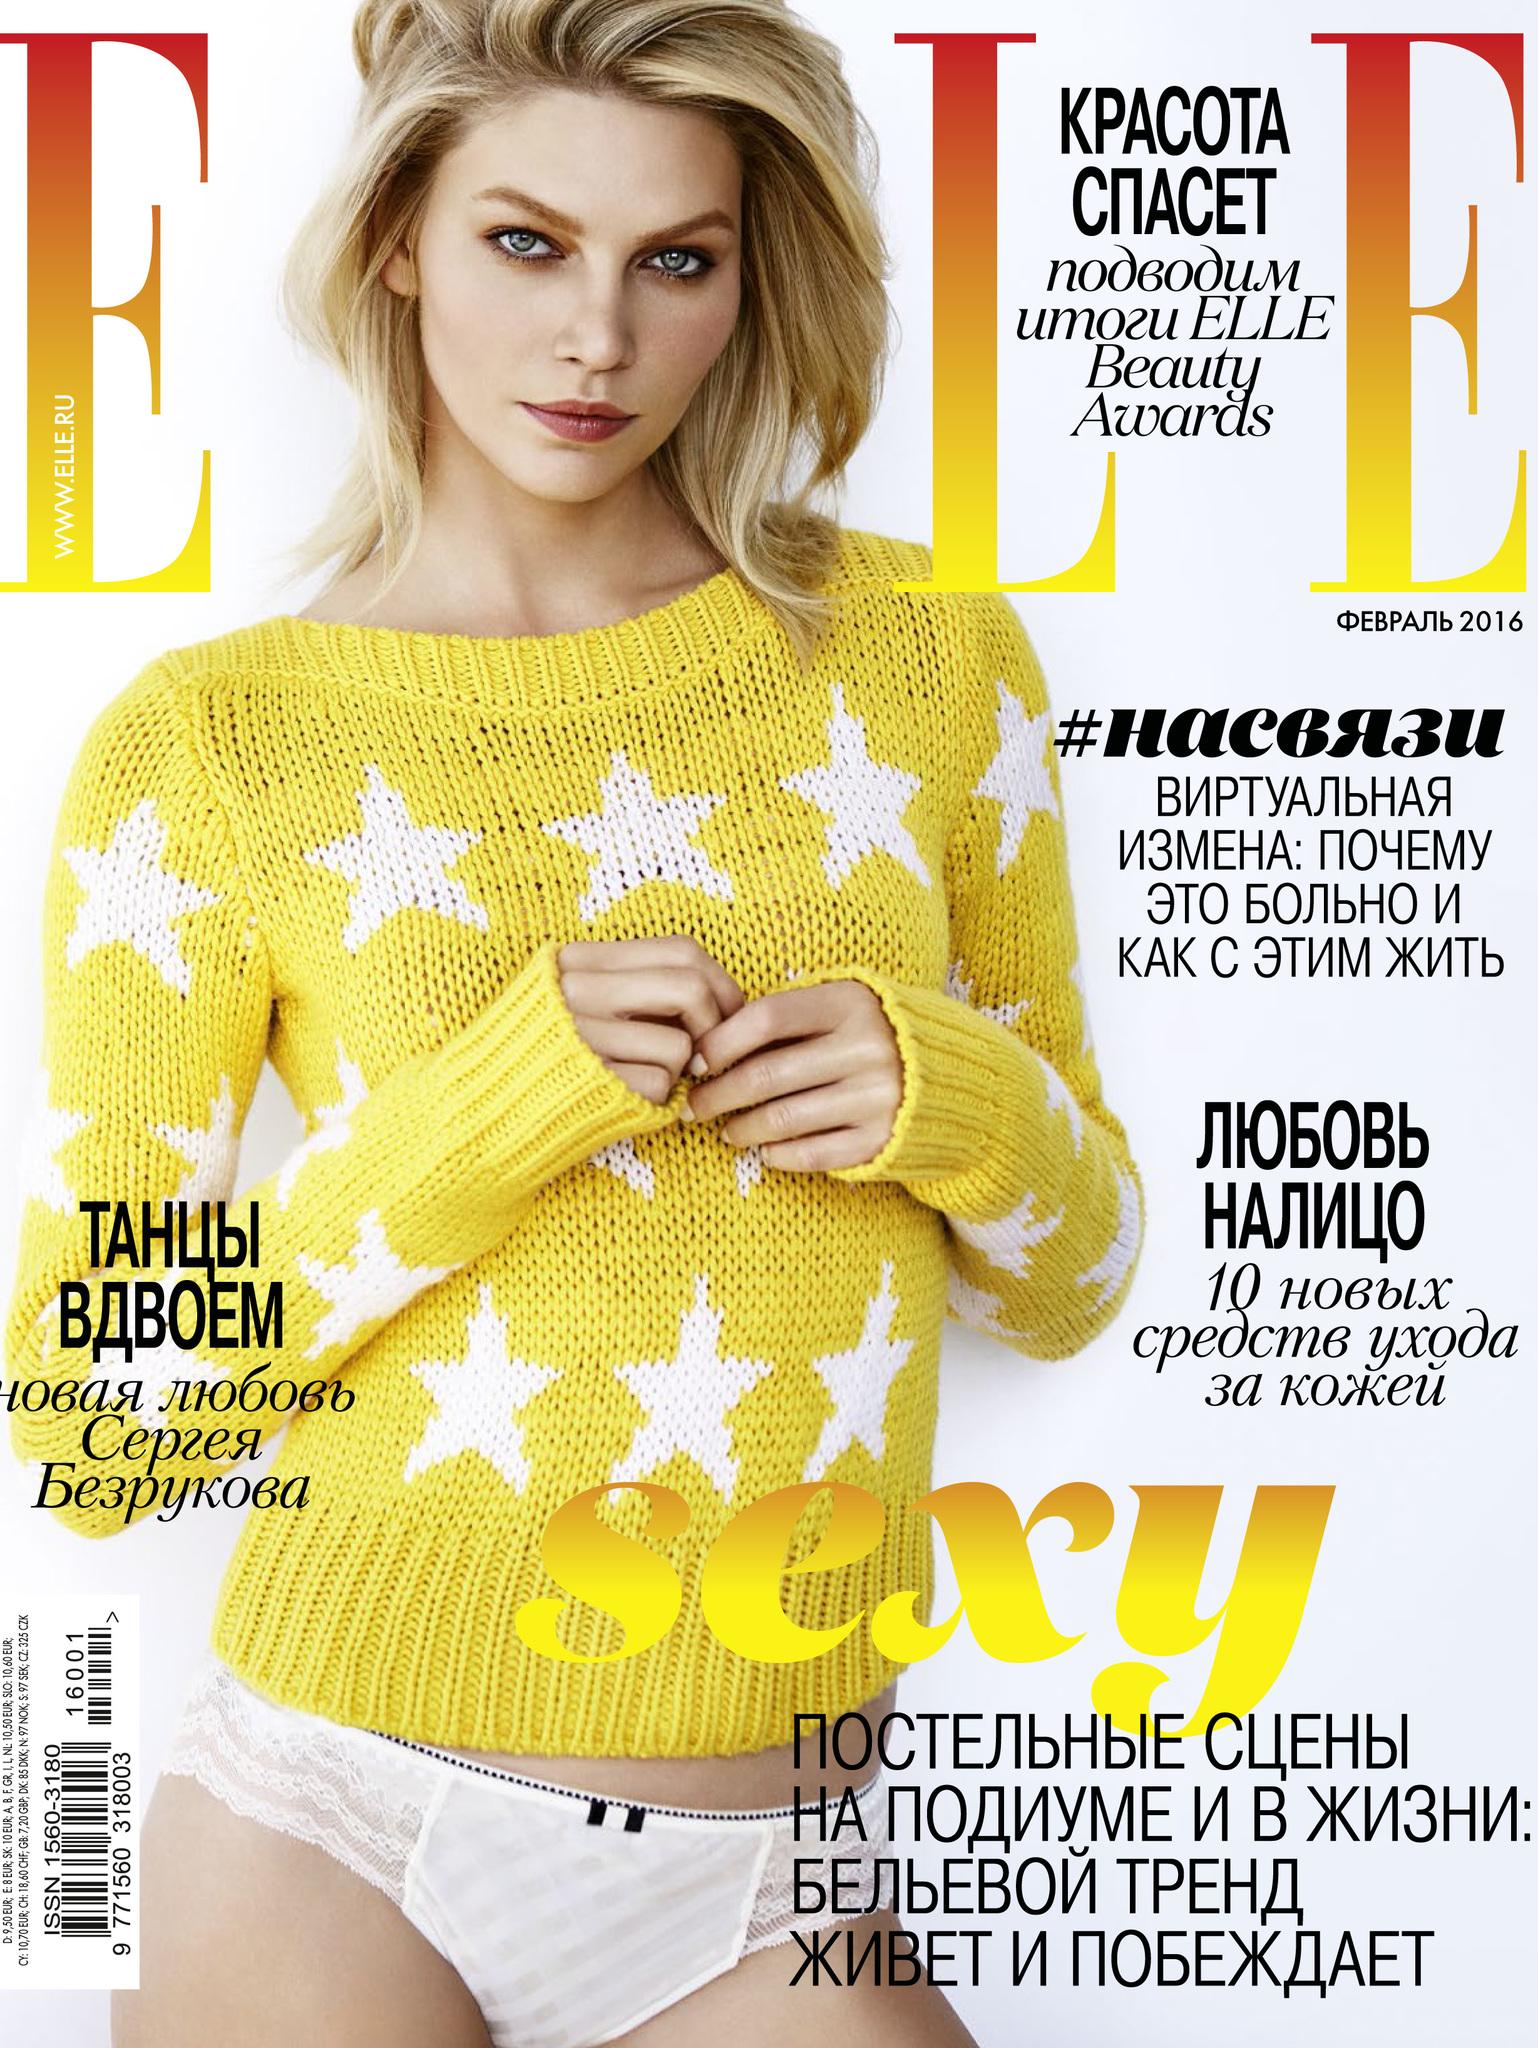 Украшения французского бренда Chic Alors Paris в  февральском выпуске Elle Russia